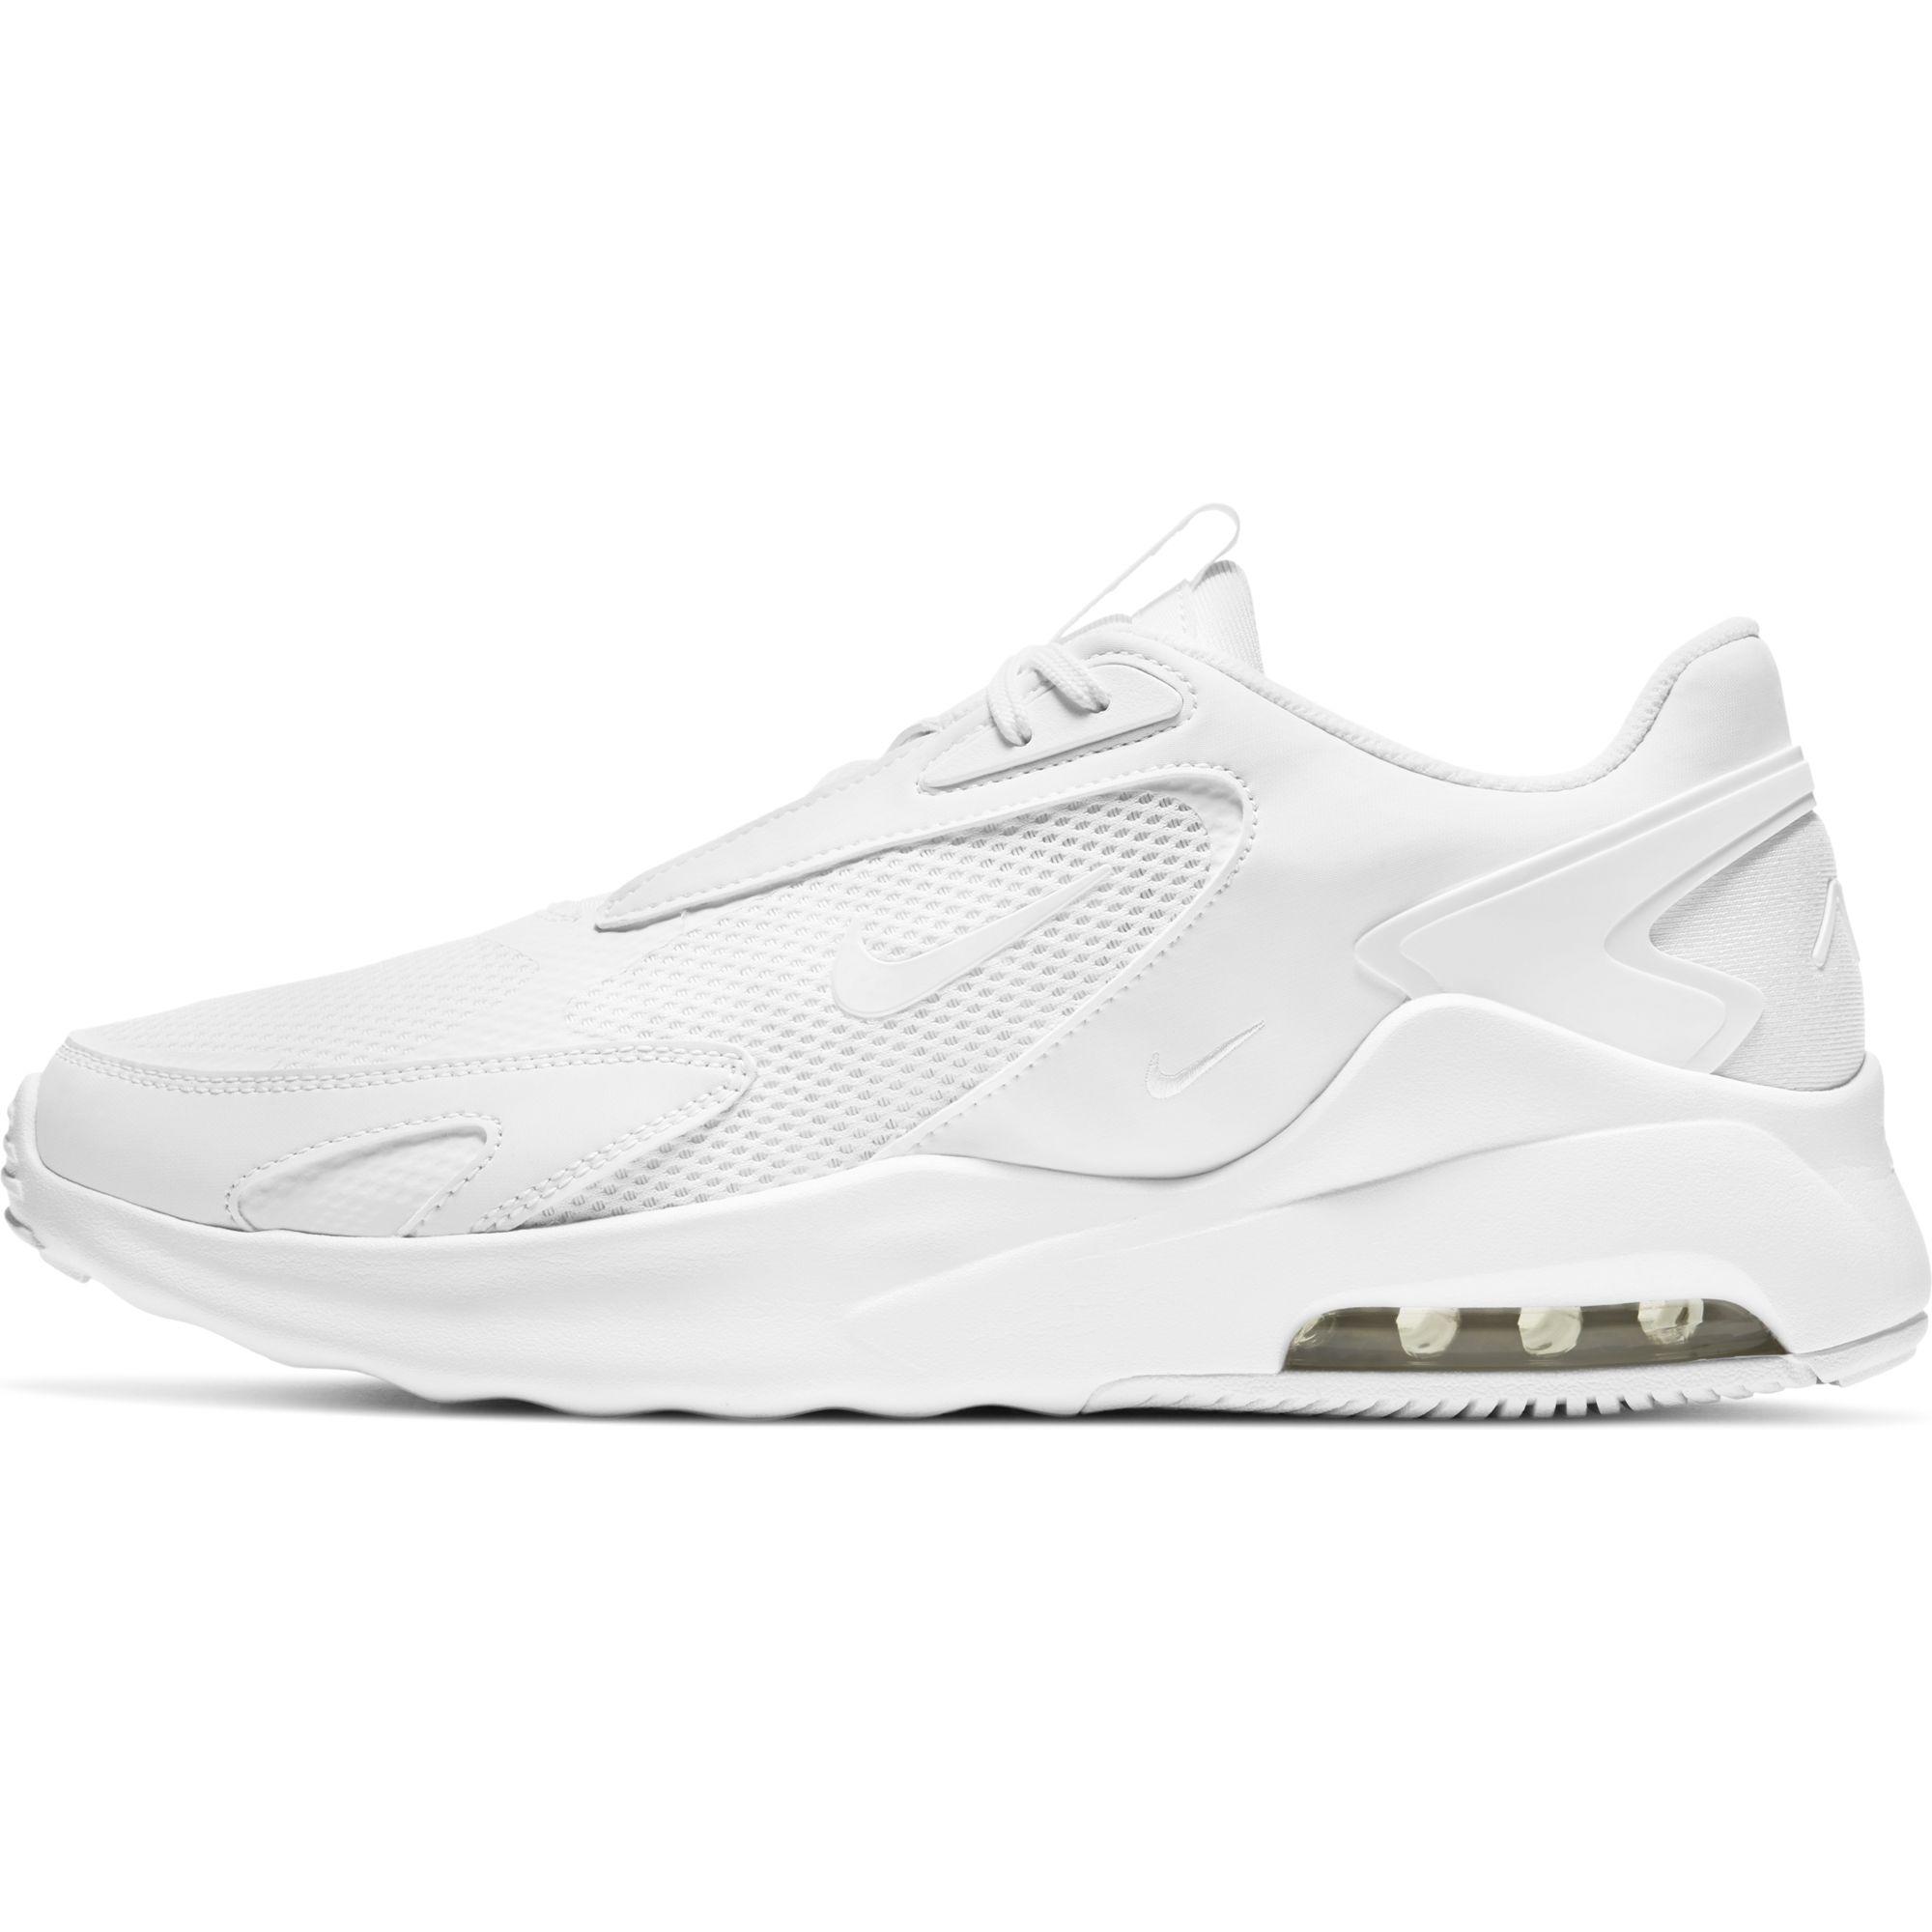 Nike Air Max Bolt CU4151 104